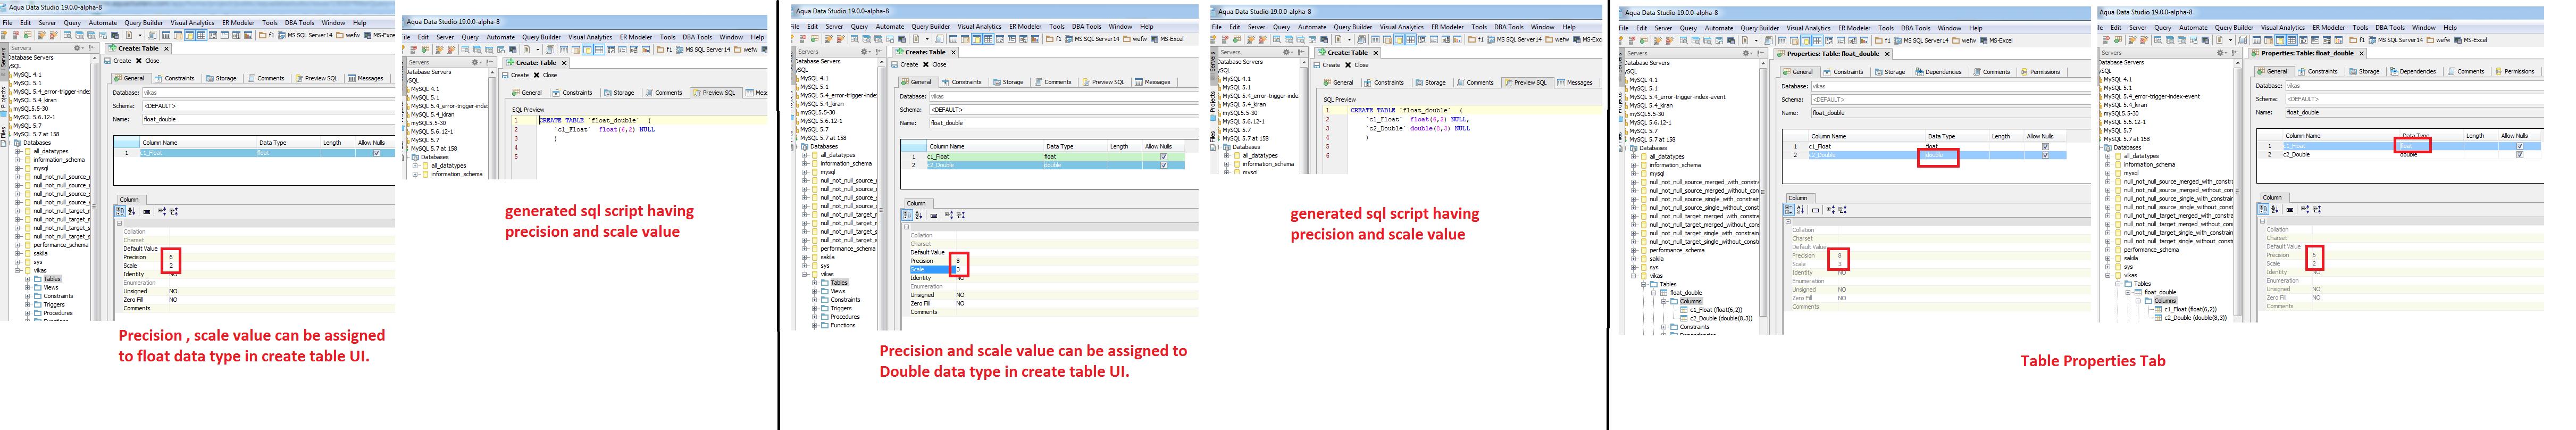 13020: Mysql 5 7: Precision and Scale Values options are